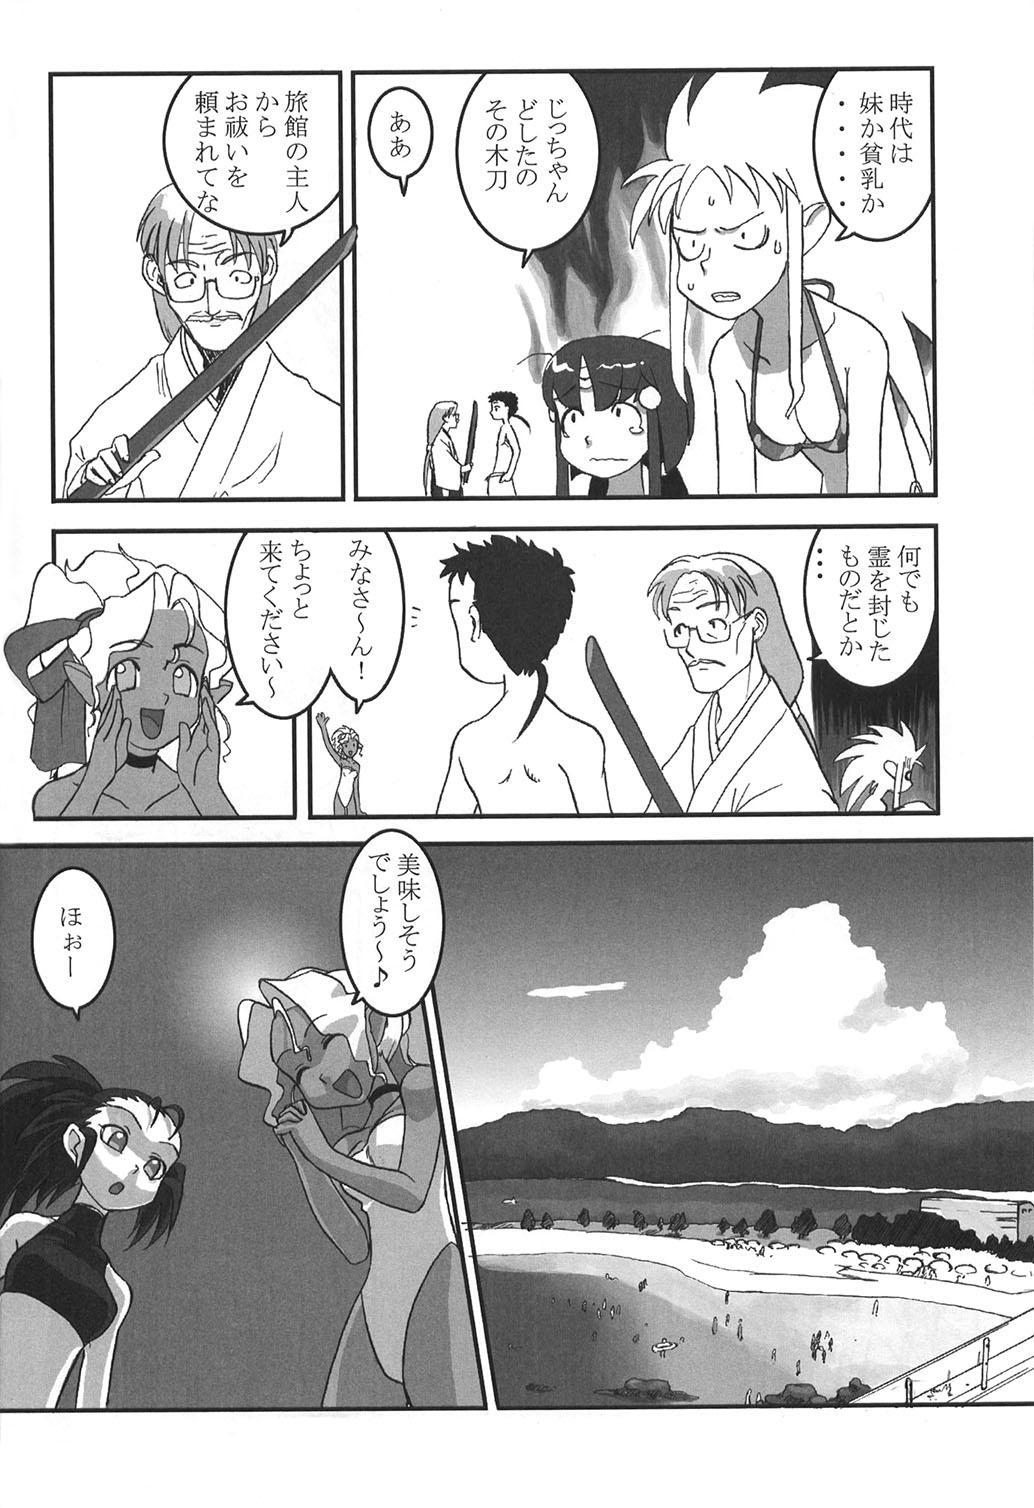 Ianryokou Toujitsu No Yoru 2 13